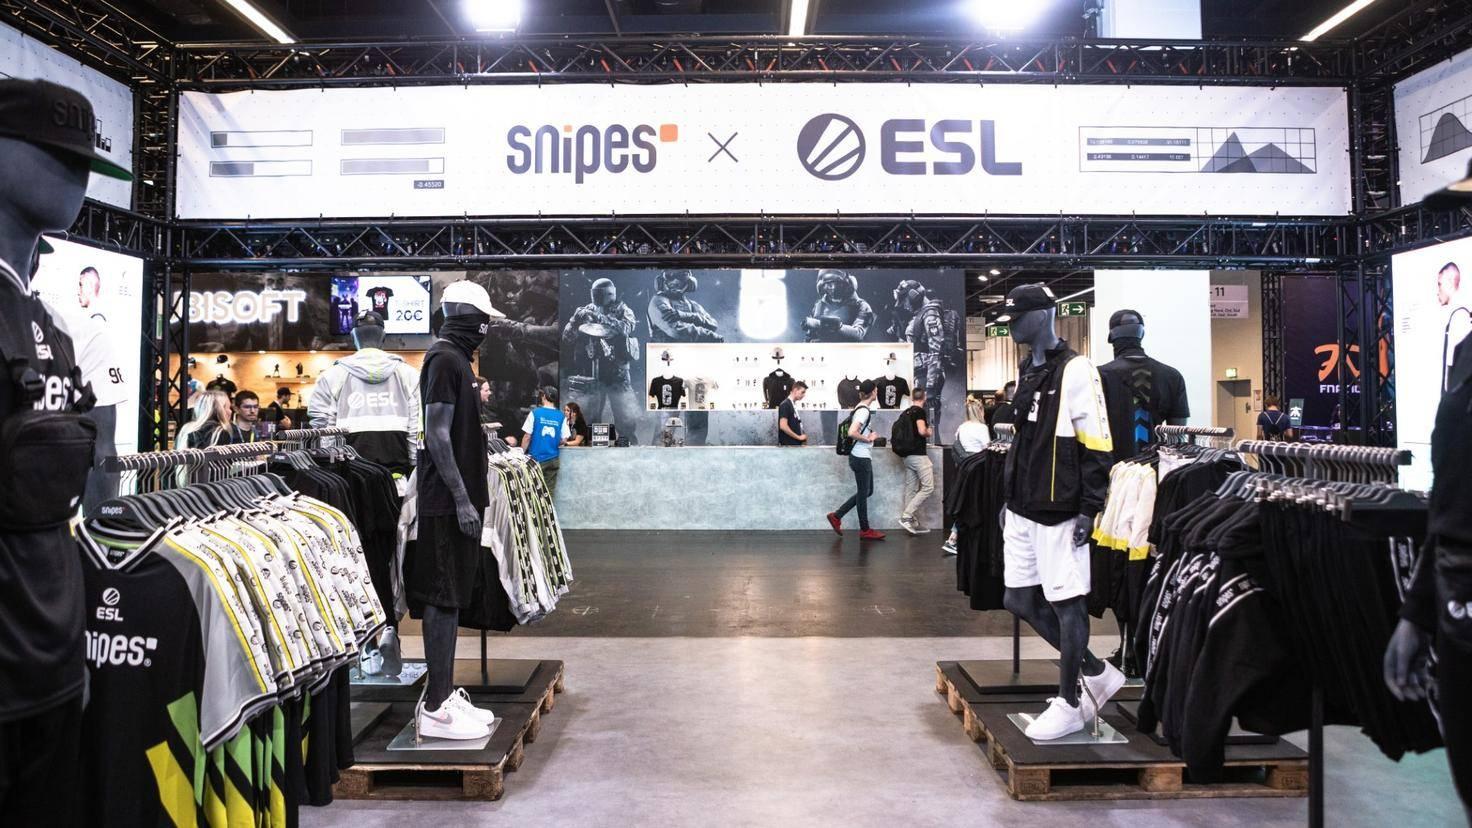 esl-gamescom-merchandise-2019